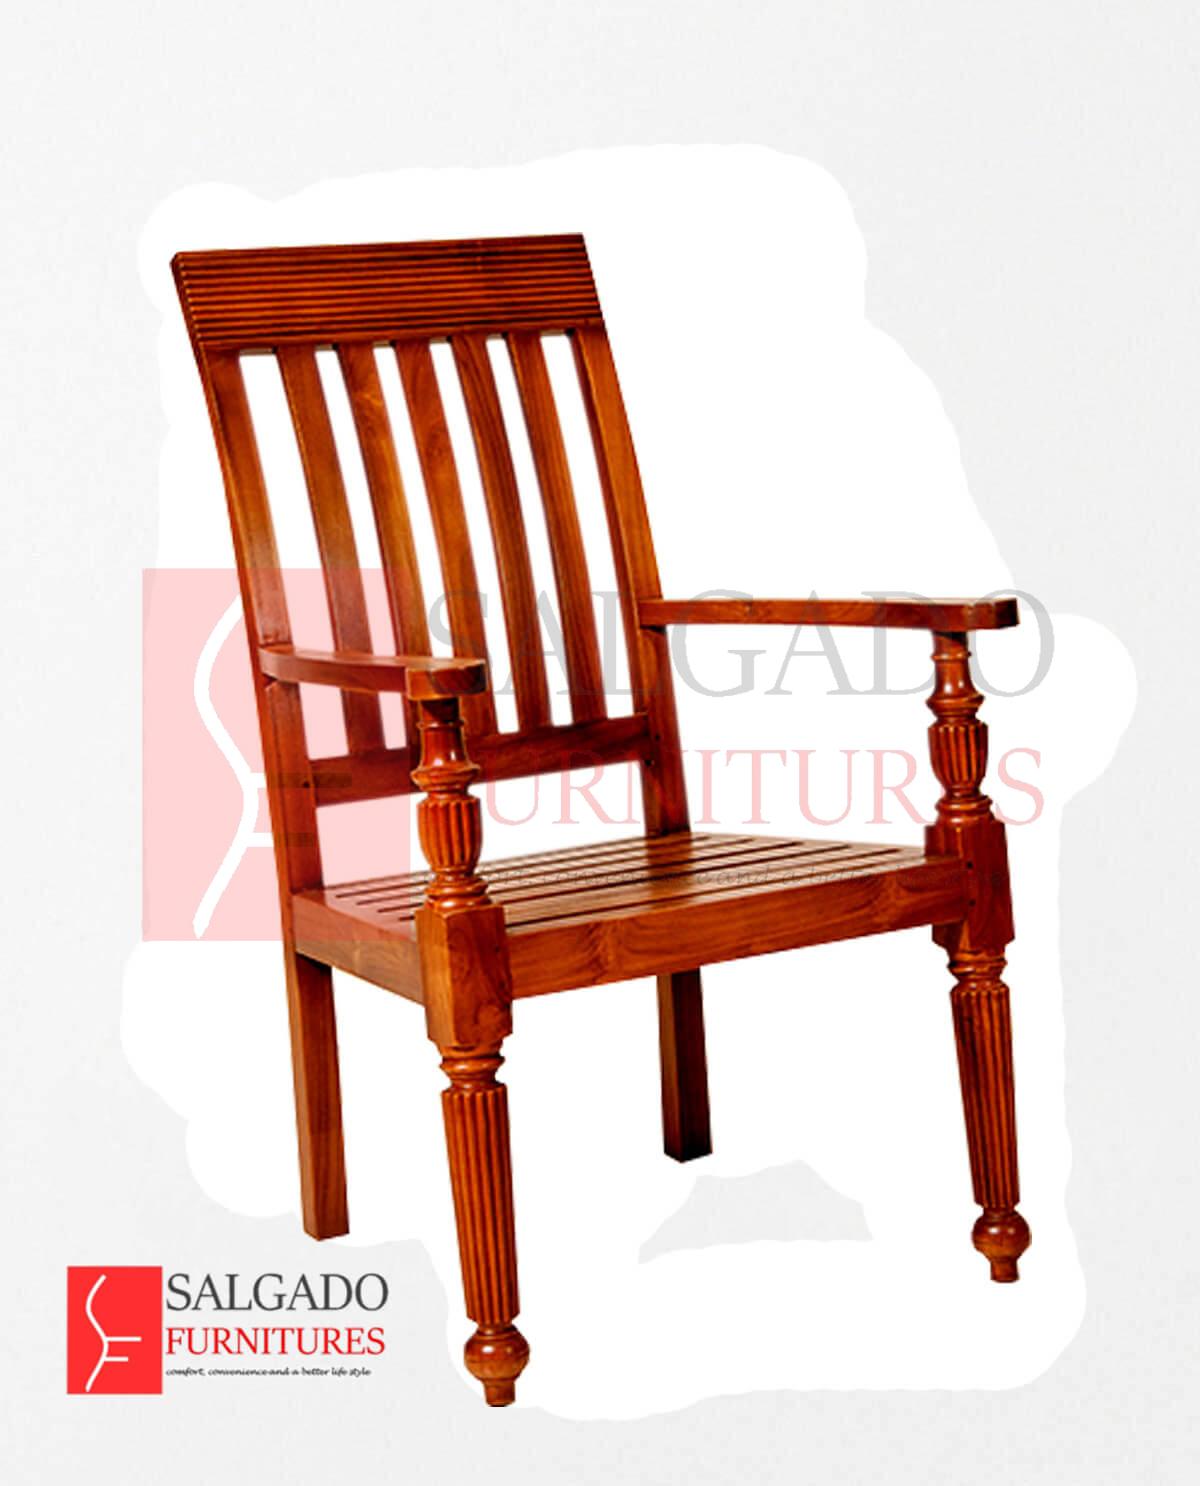 varandha-furniture-design